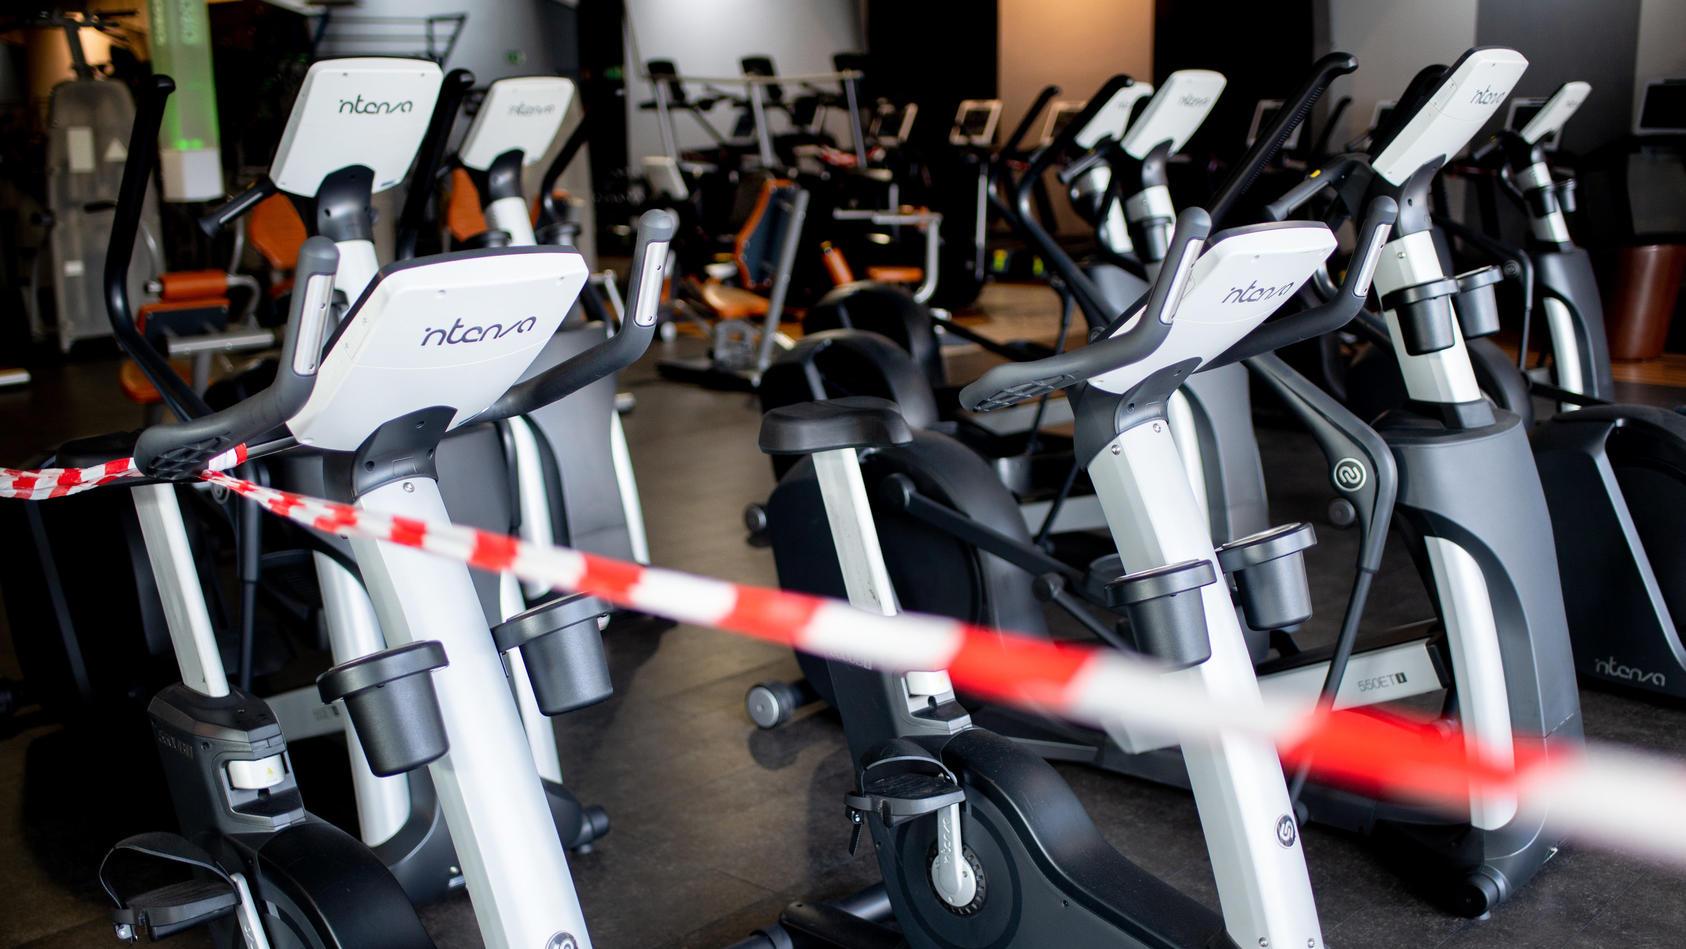 Aufgrund der Pandemie mussten die Fitnessstudios in Deutschland zweimal in den Lockdown.